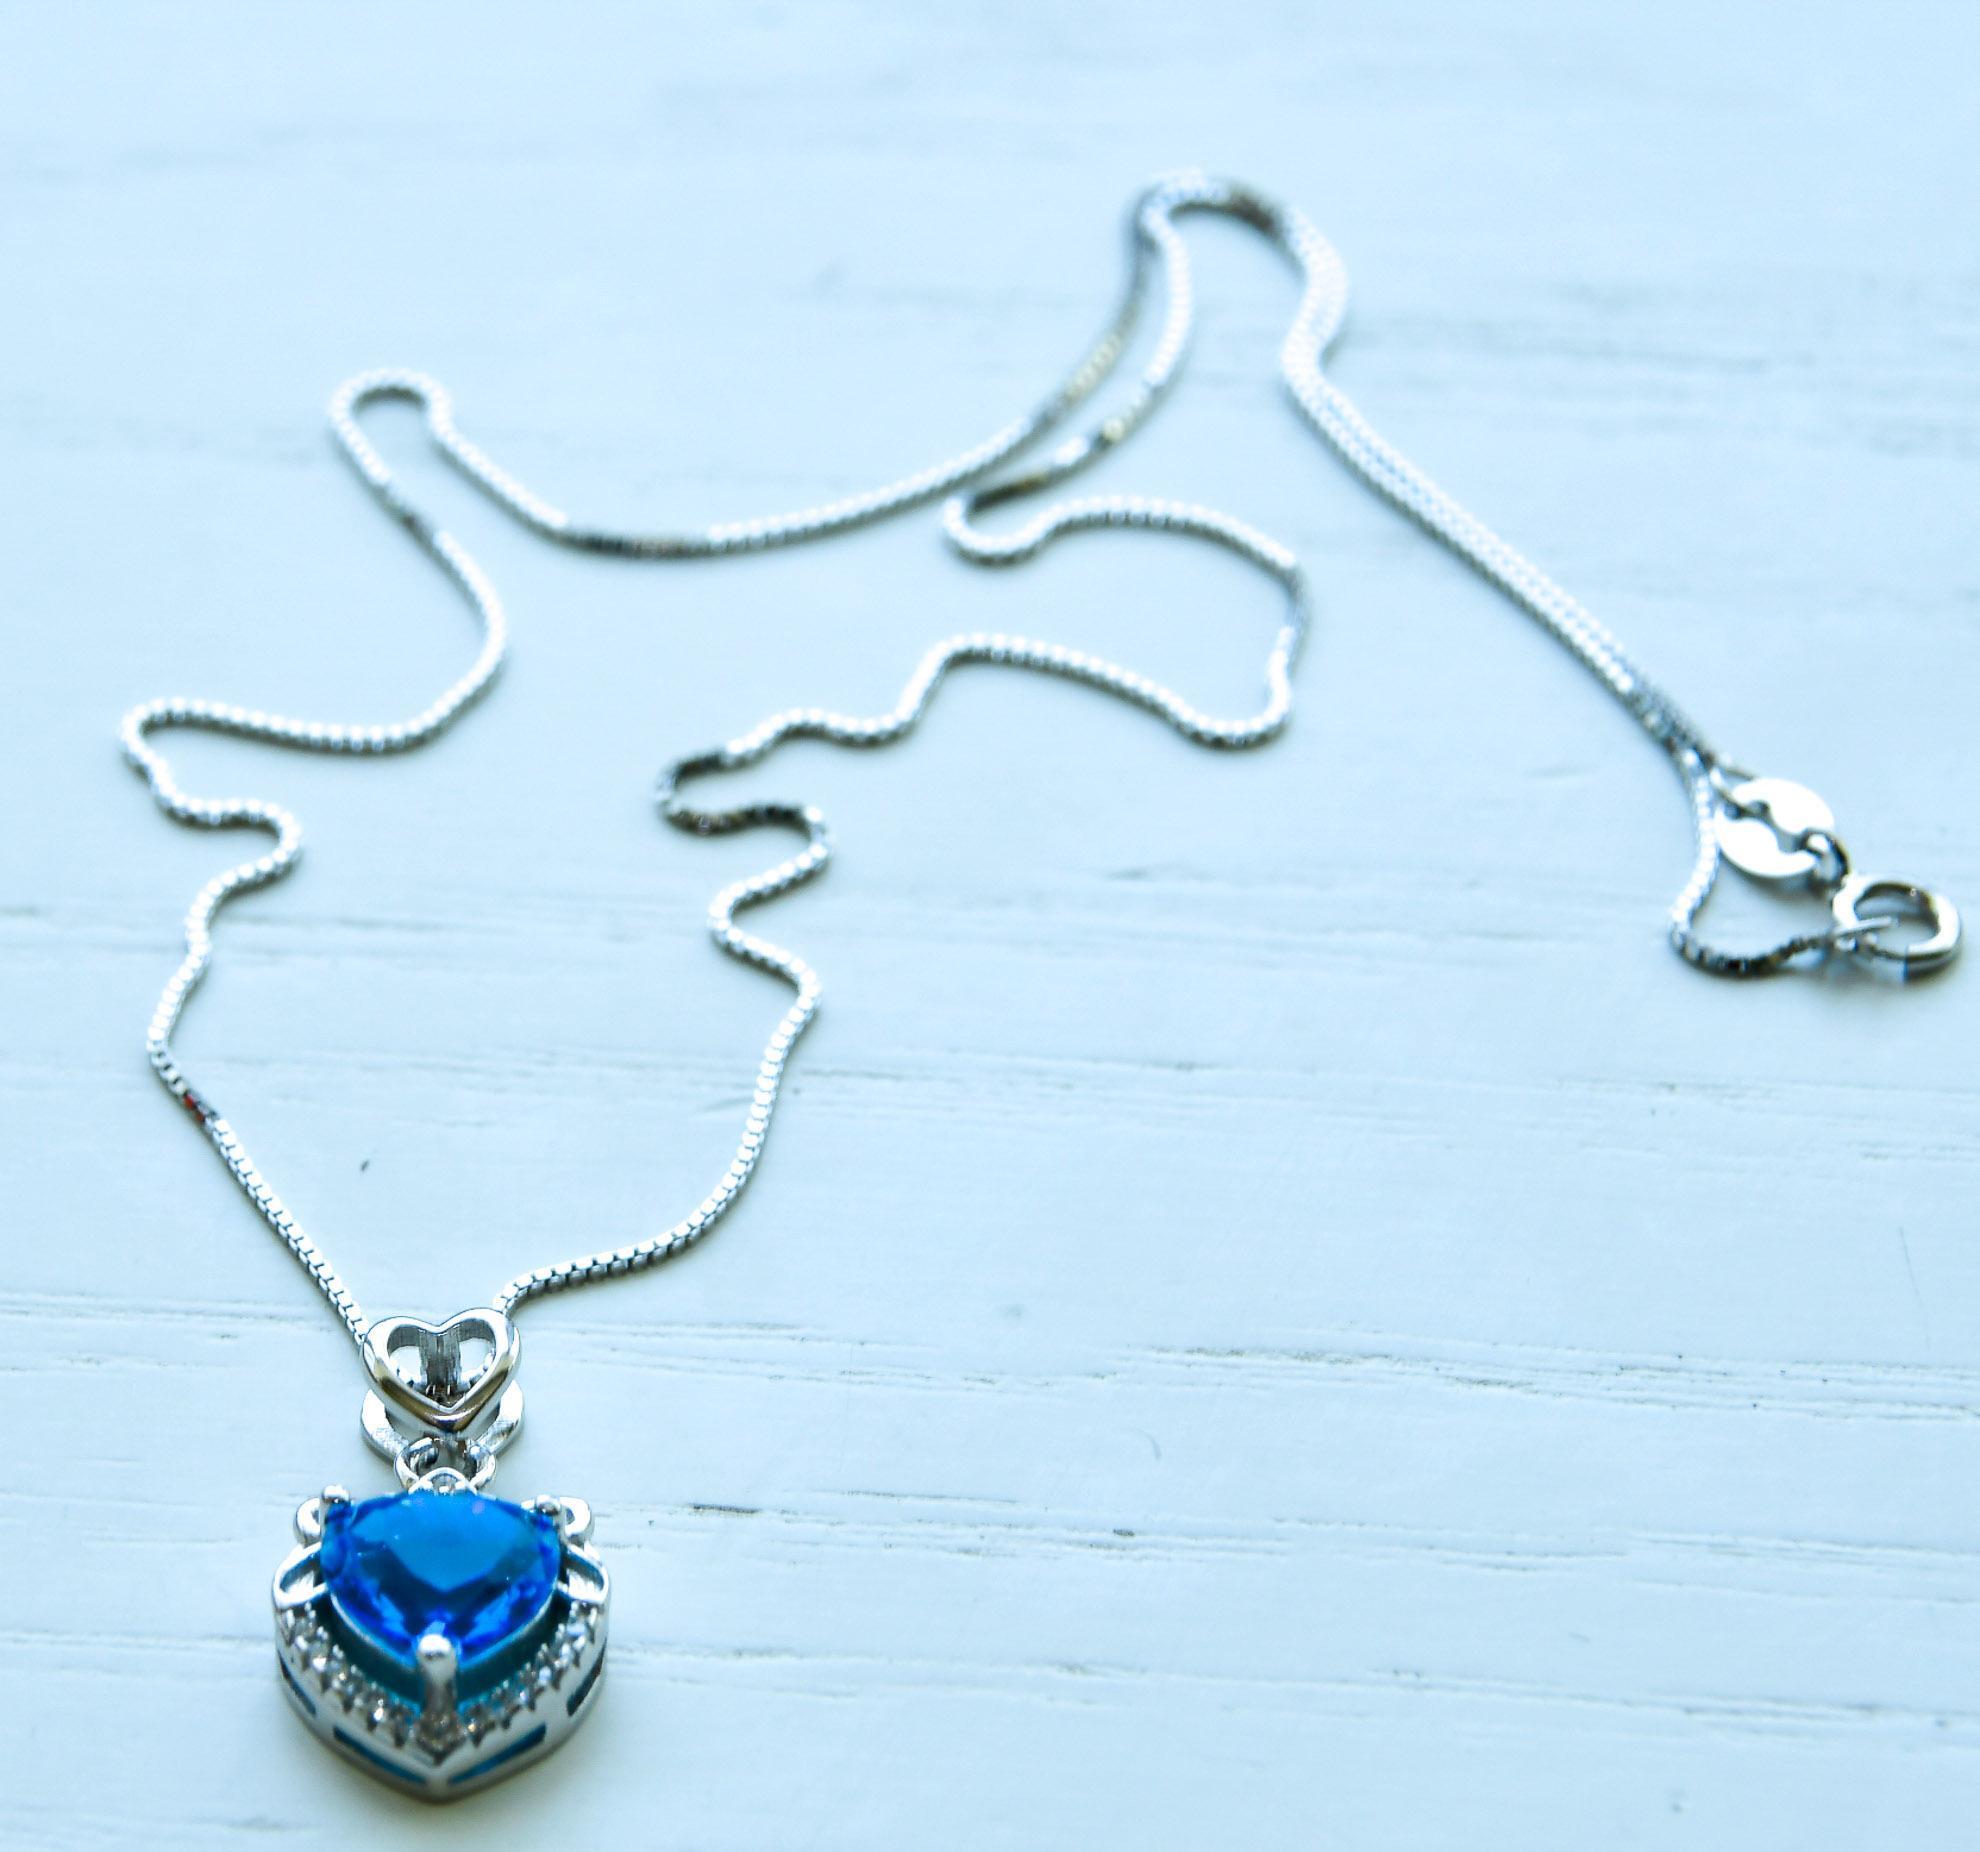 Ocean Heart Necklace Necklace 1